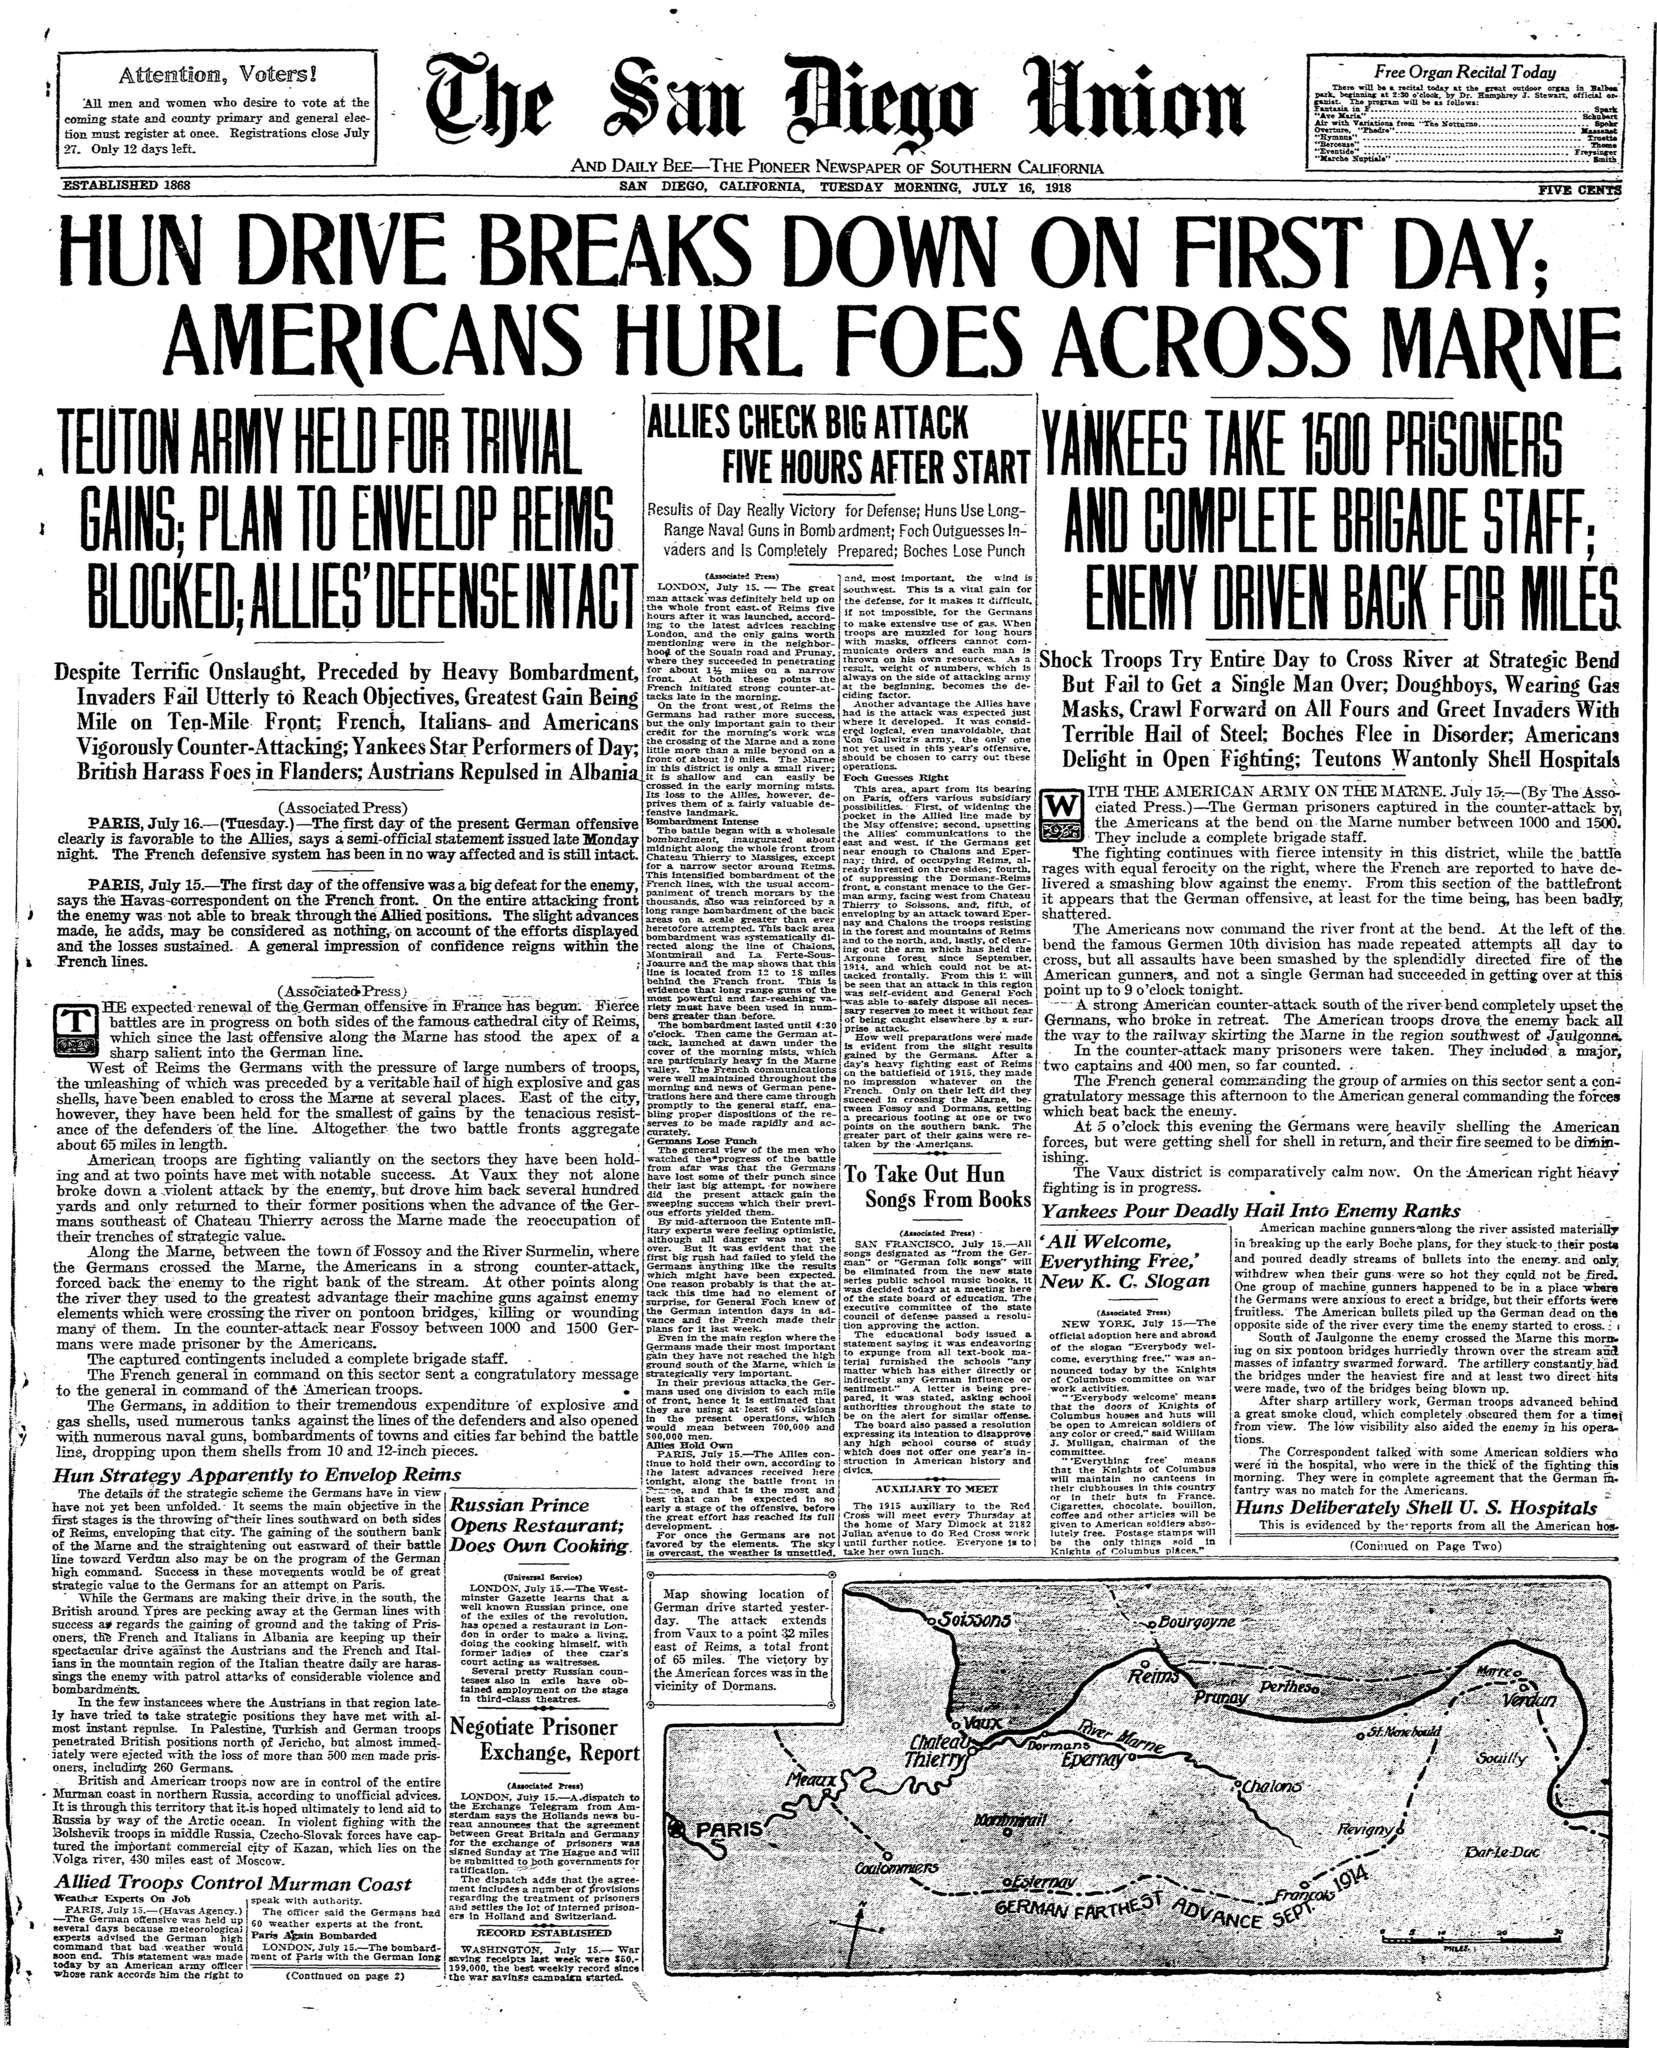 July 16, 1918